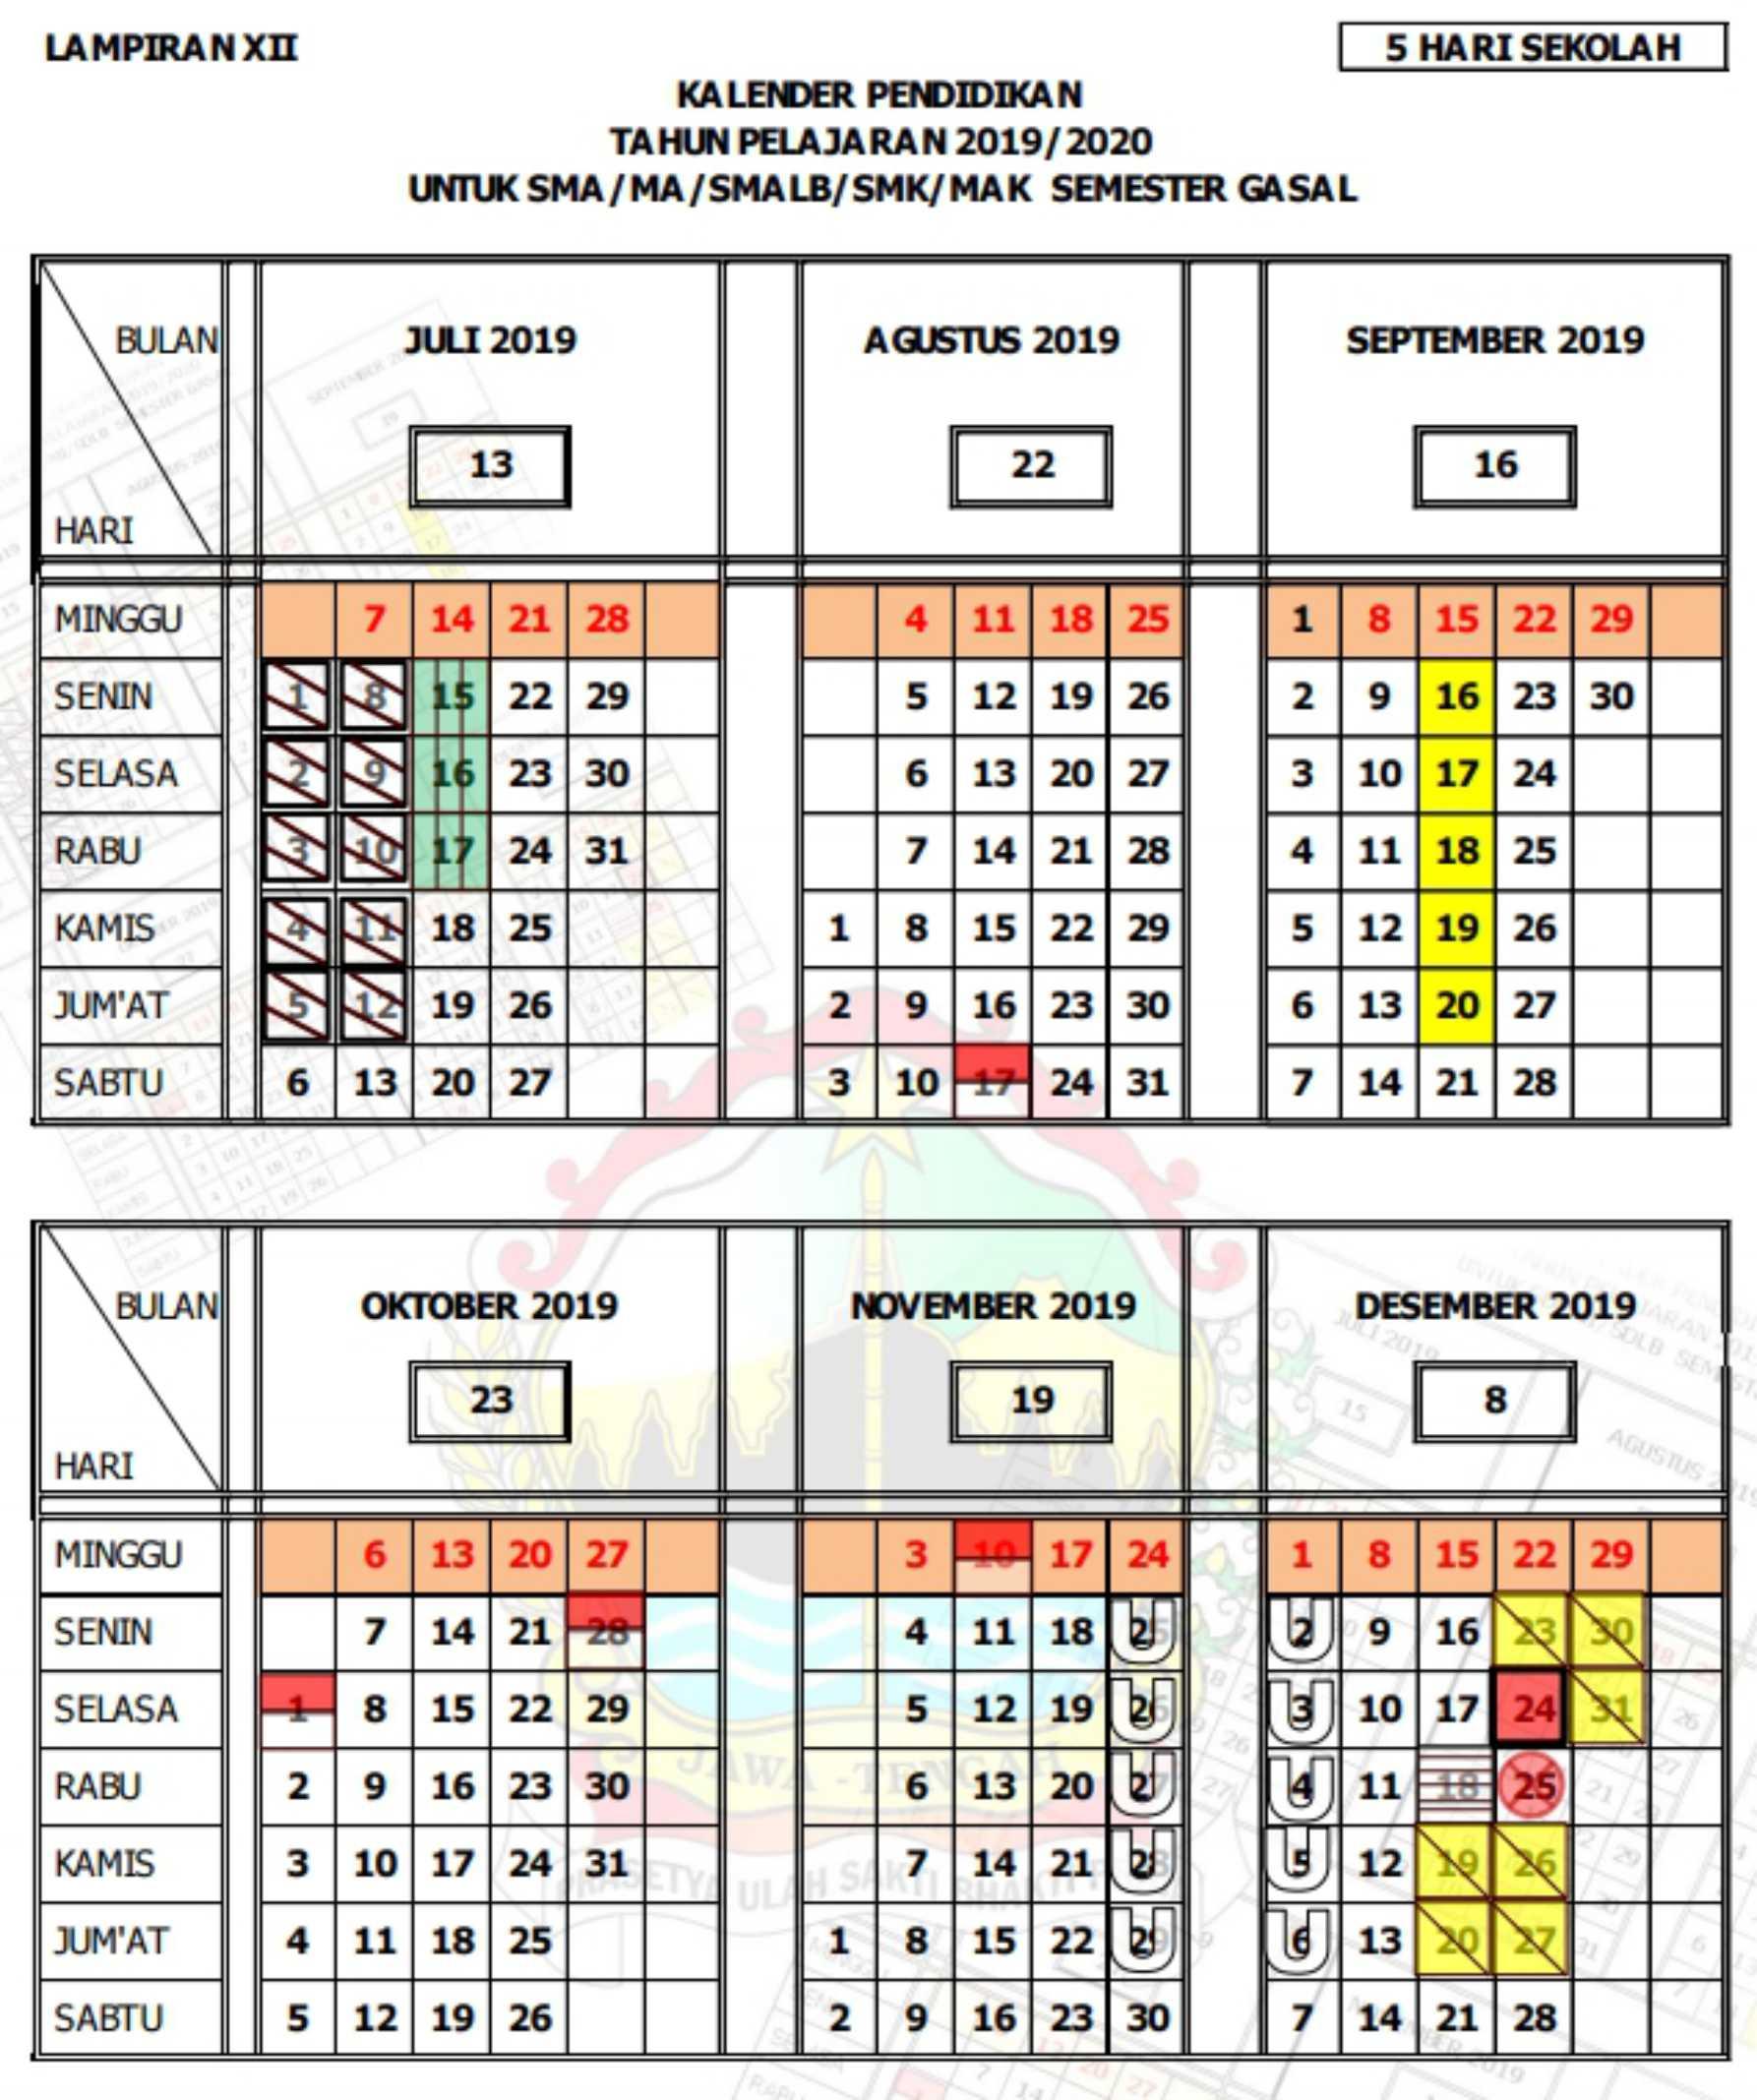 kalender pendidikan tahun pelajaran 2019 - 2020 semester gasal(ganjil) SMA MA SMALB SMK MAK (5 hari sekolah) provinsi jawa tengah